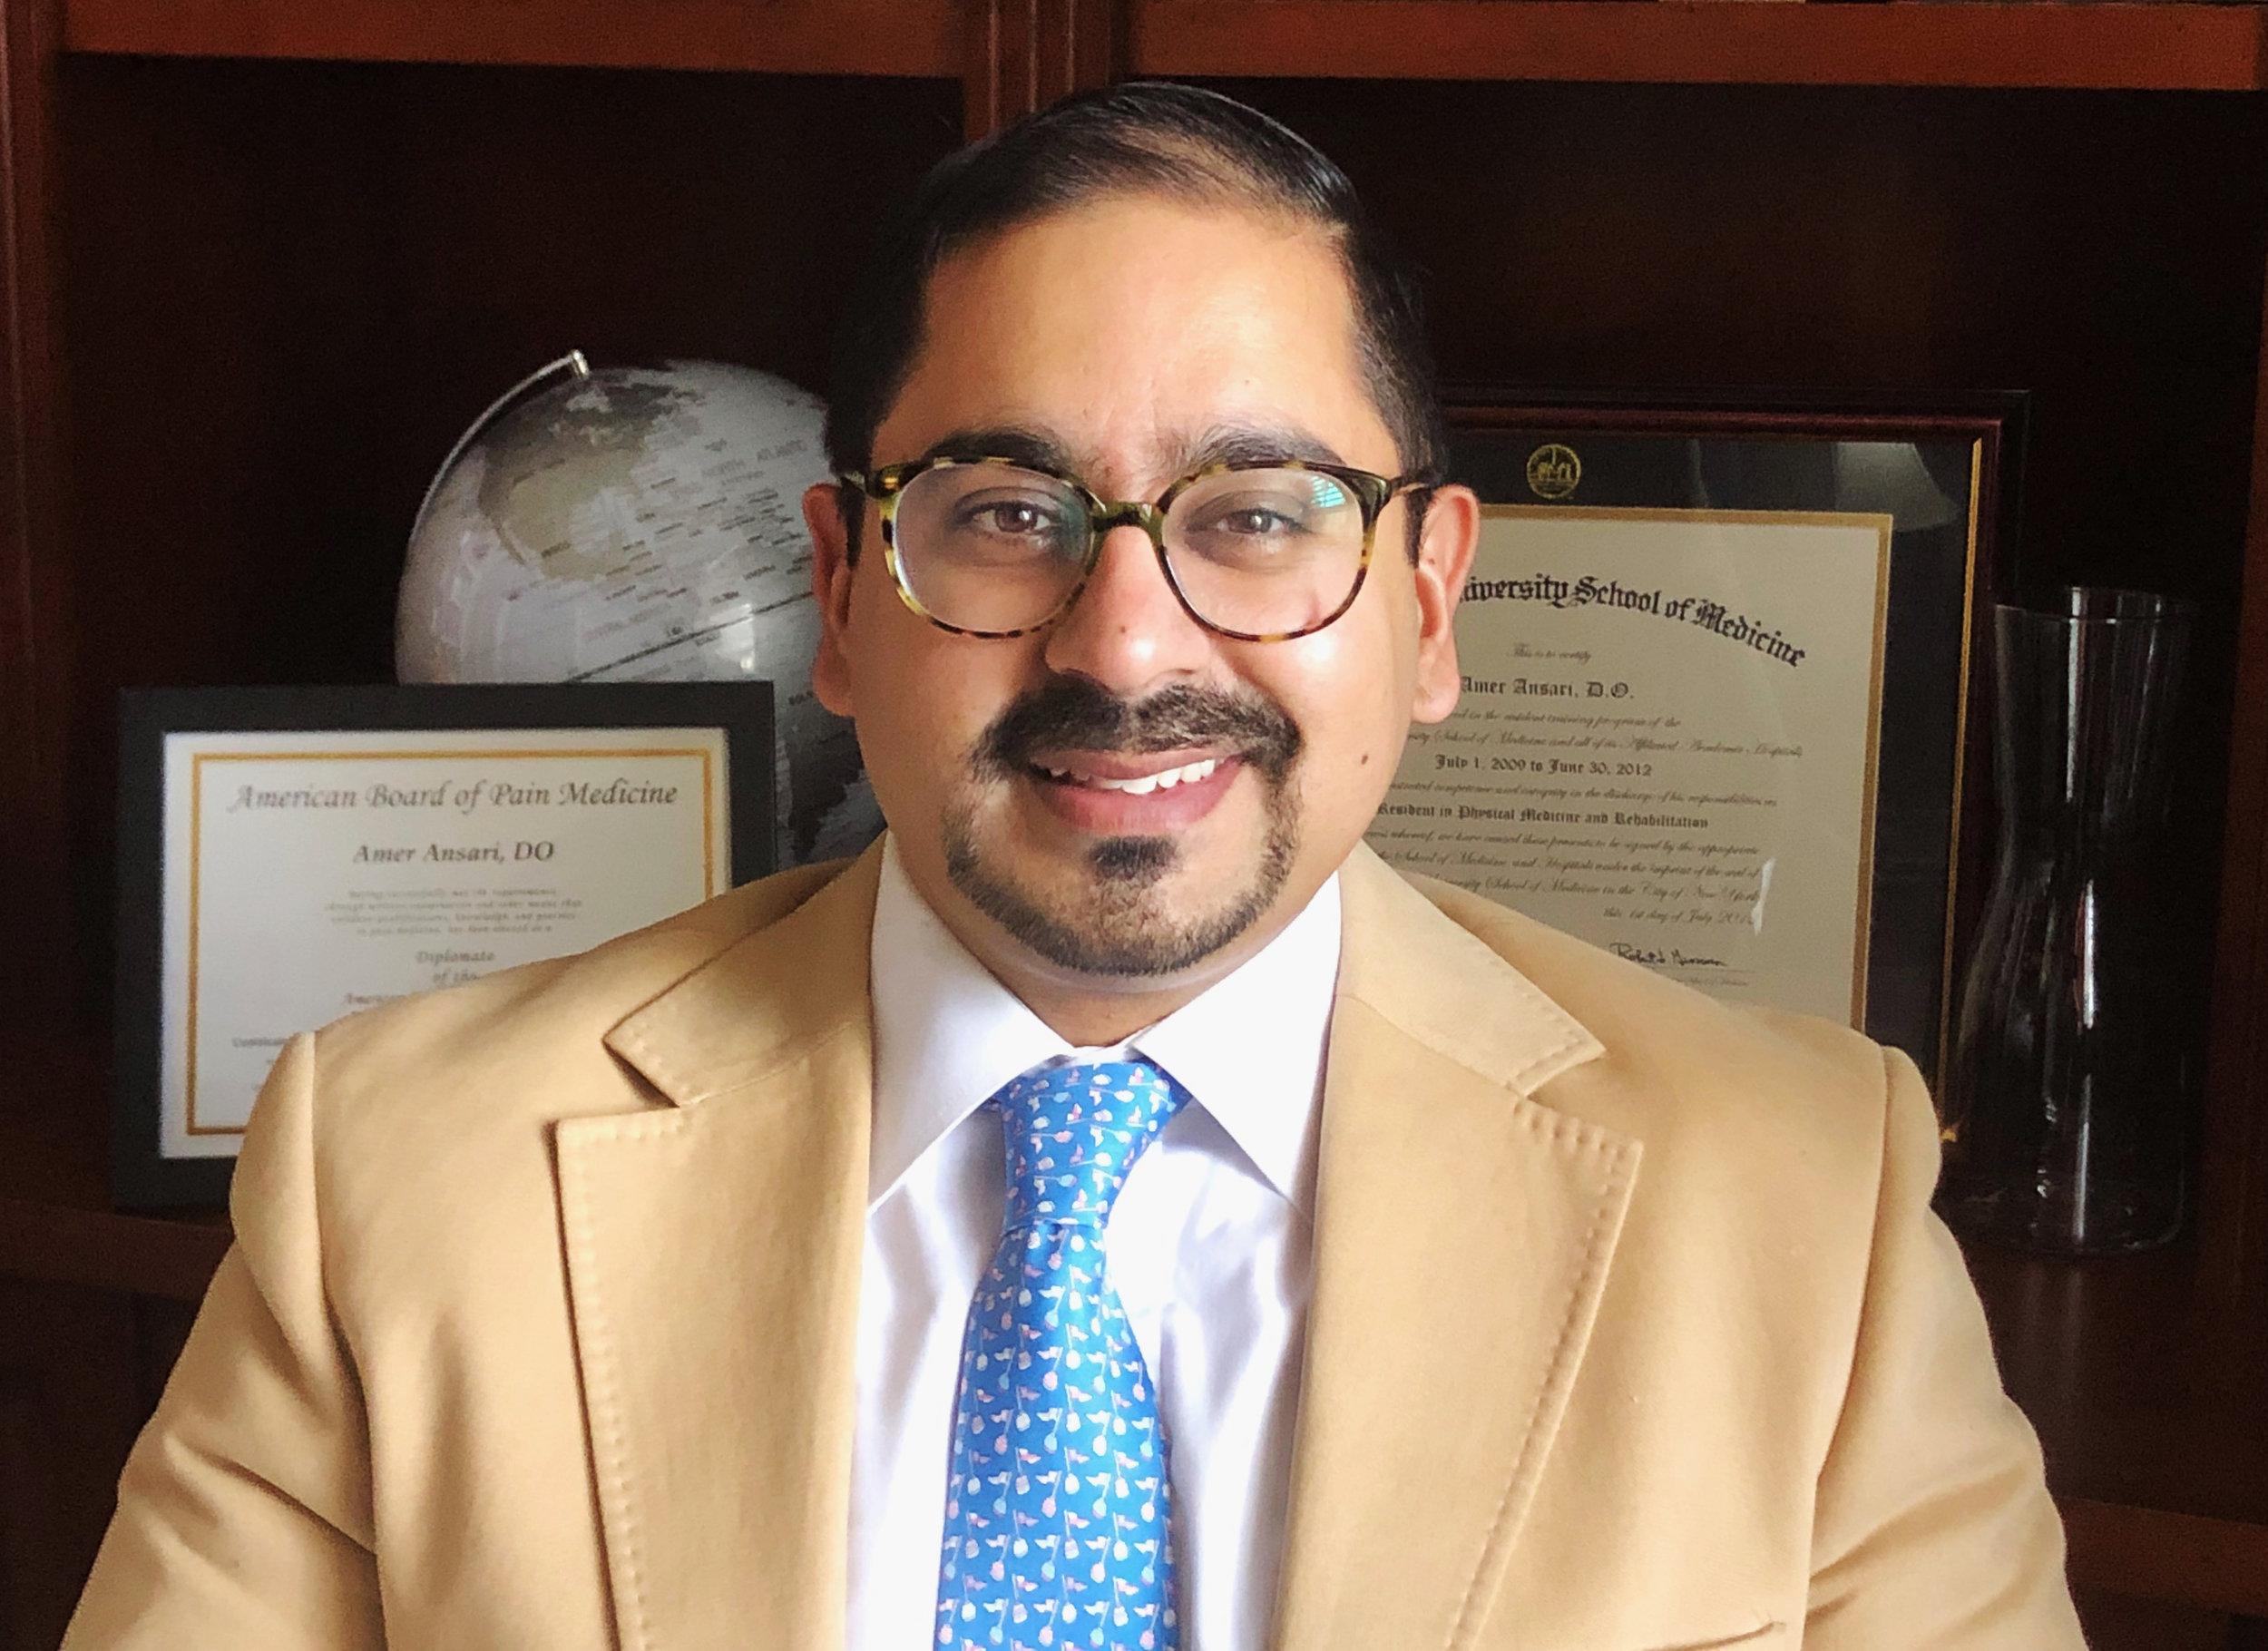 Amer Ansari, DO    View CV Resume